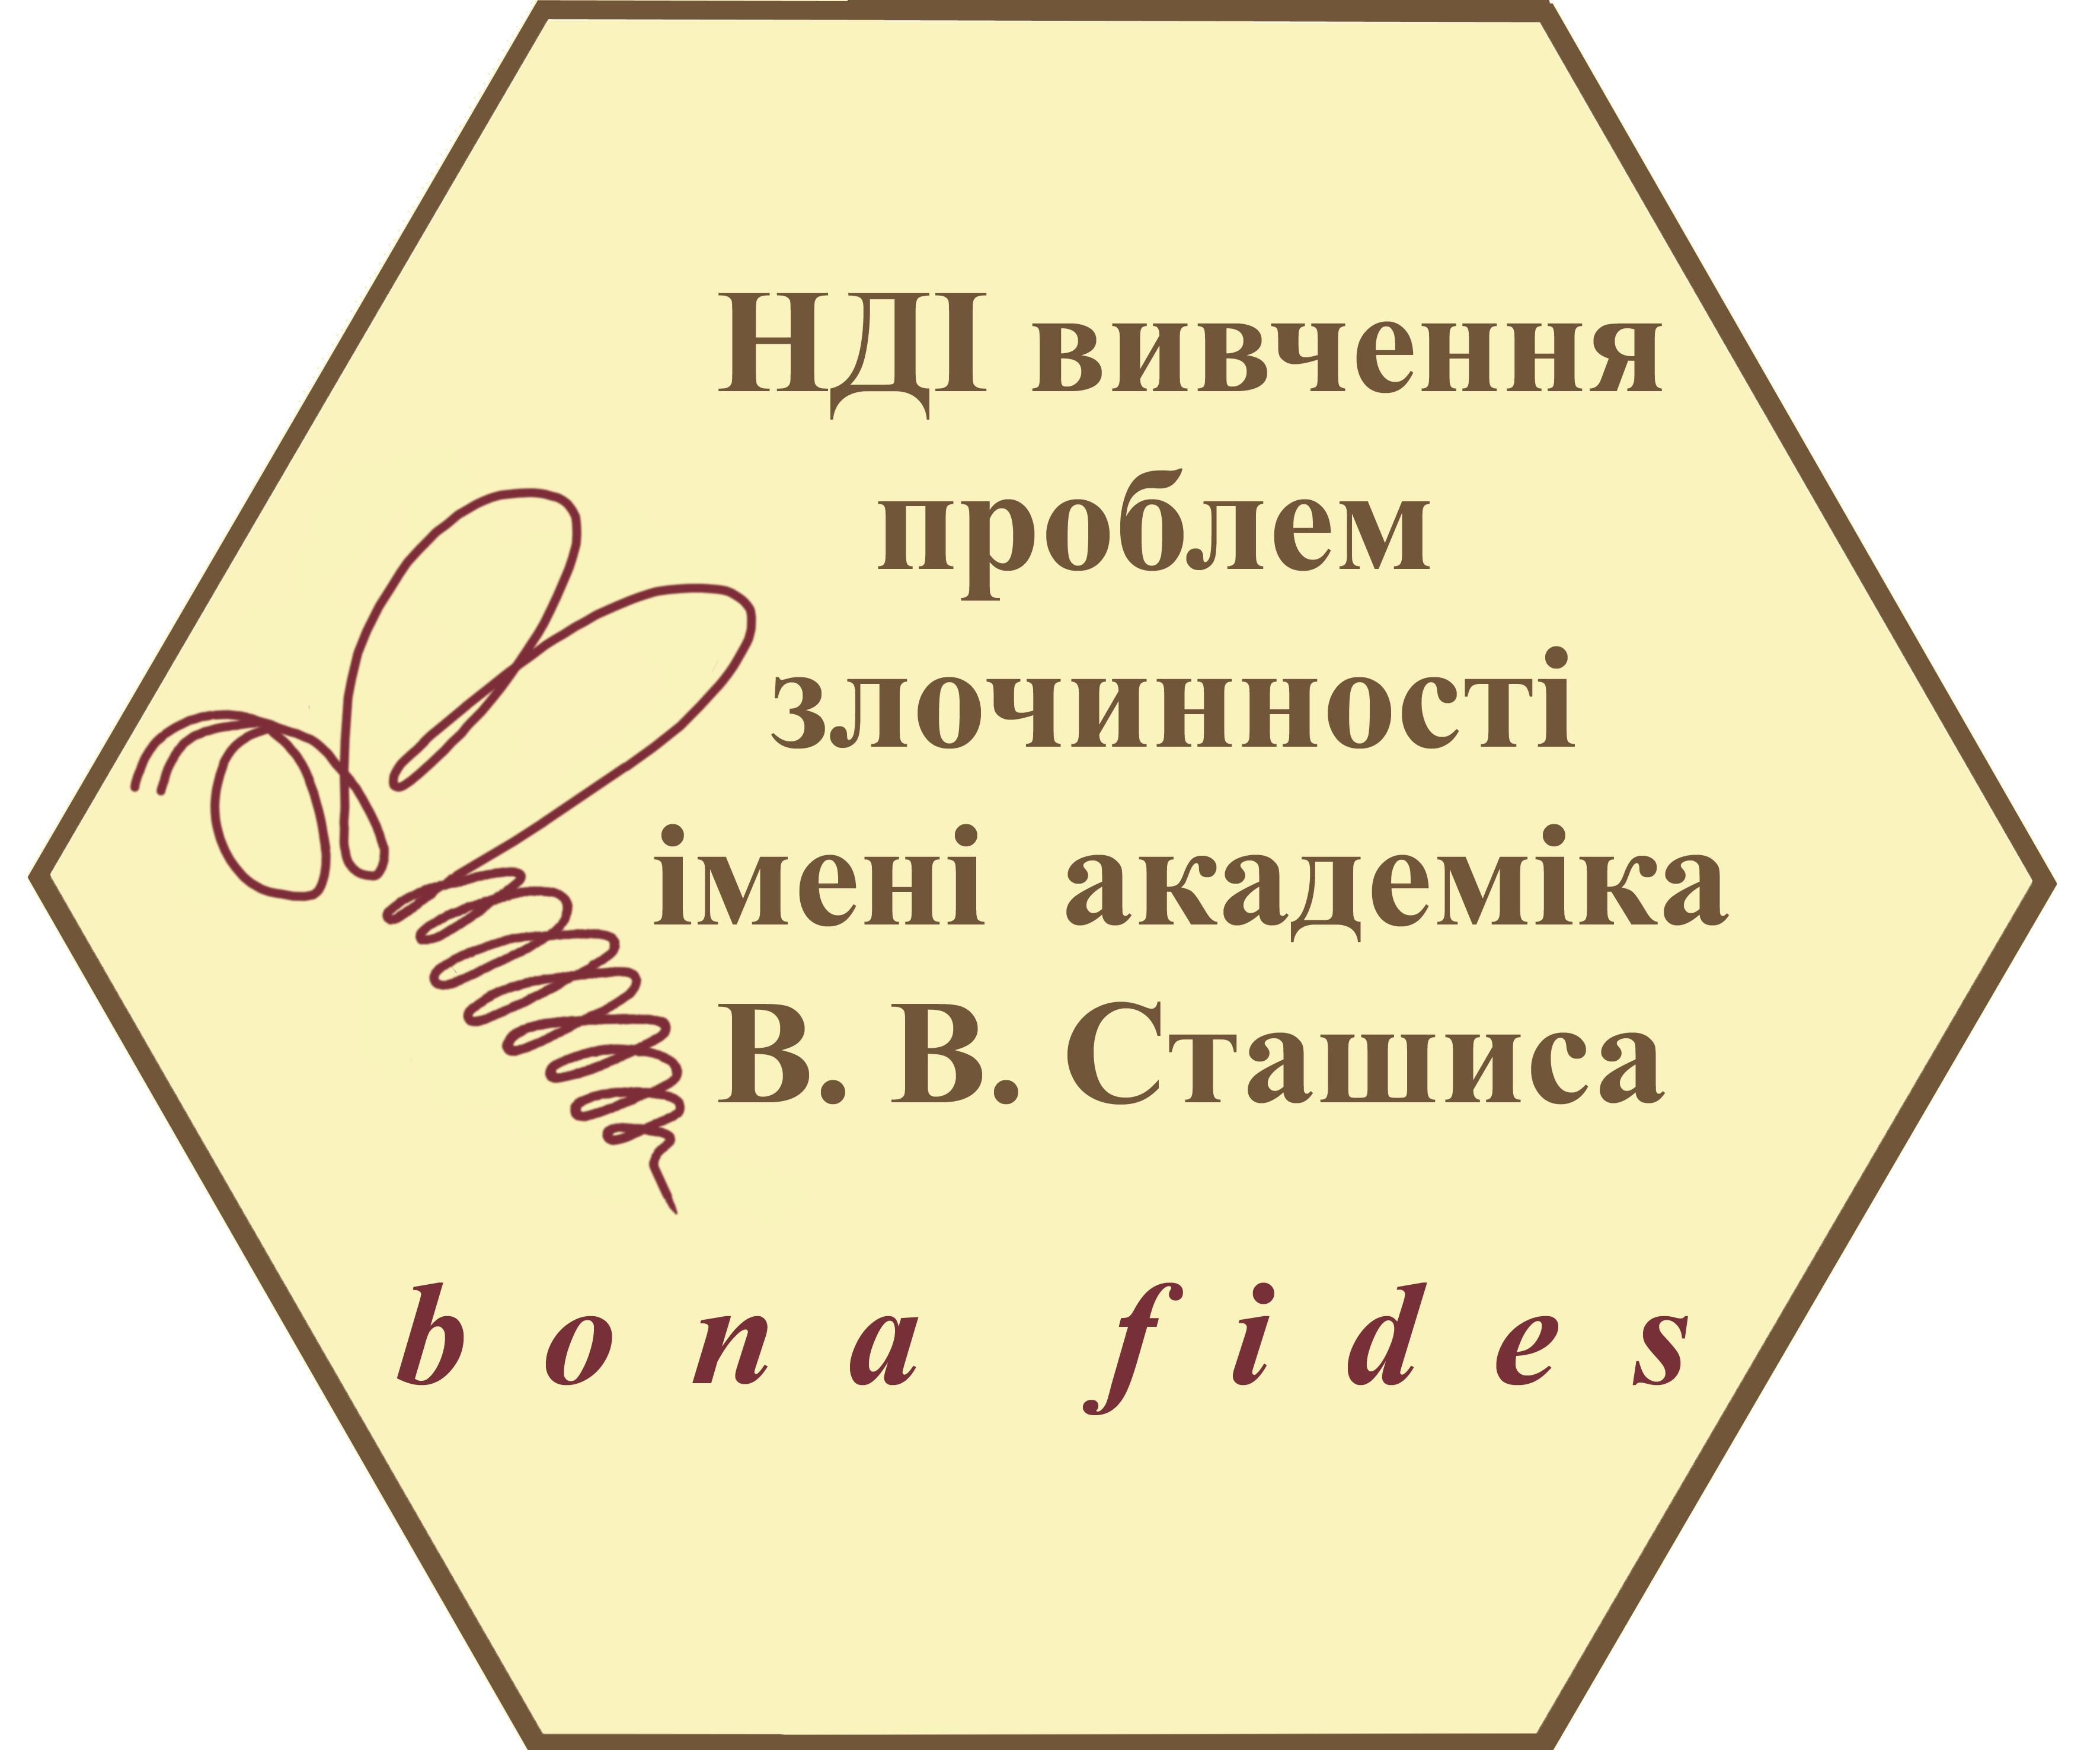 Розпочався Конкурс імені академіка Володимира Сташиса